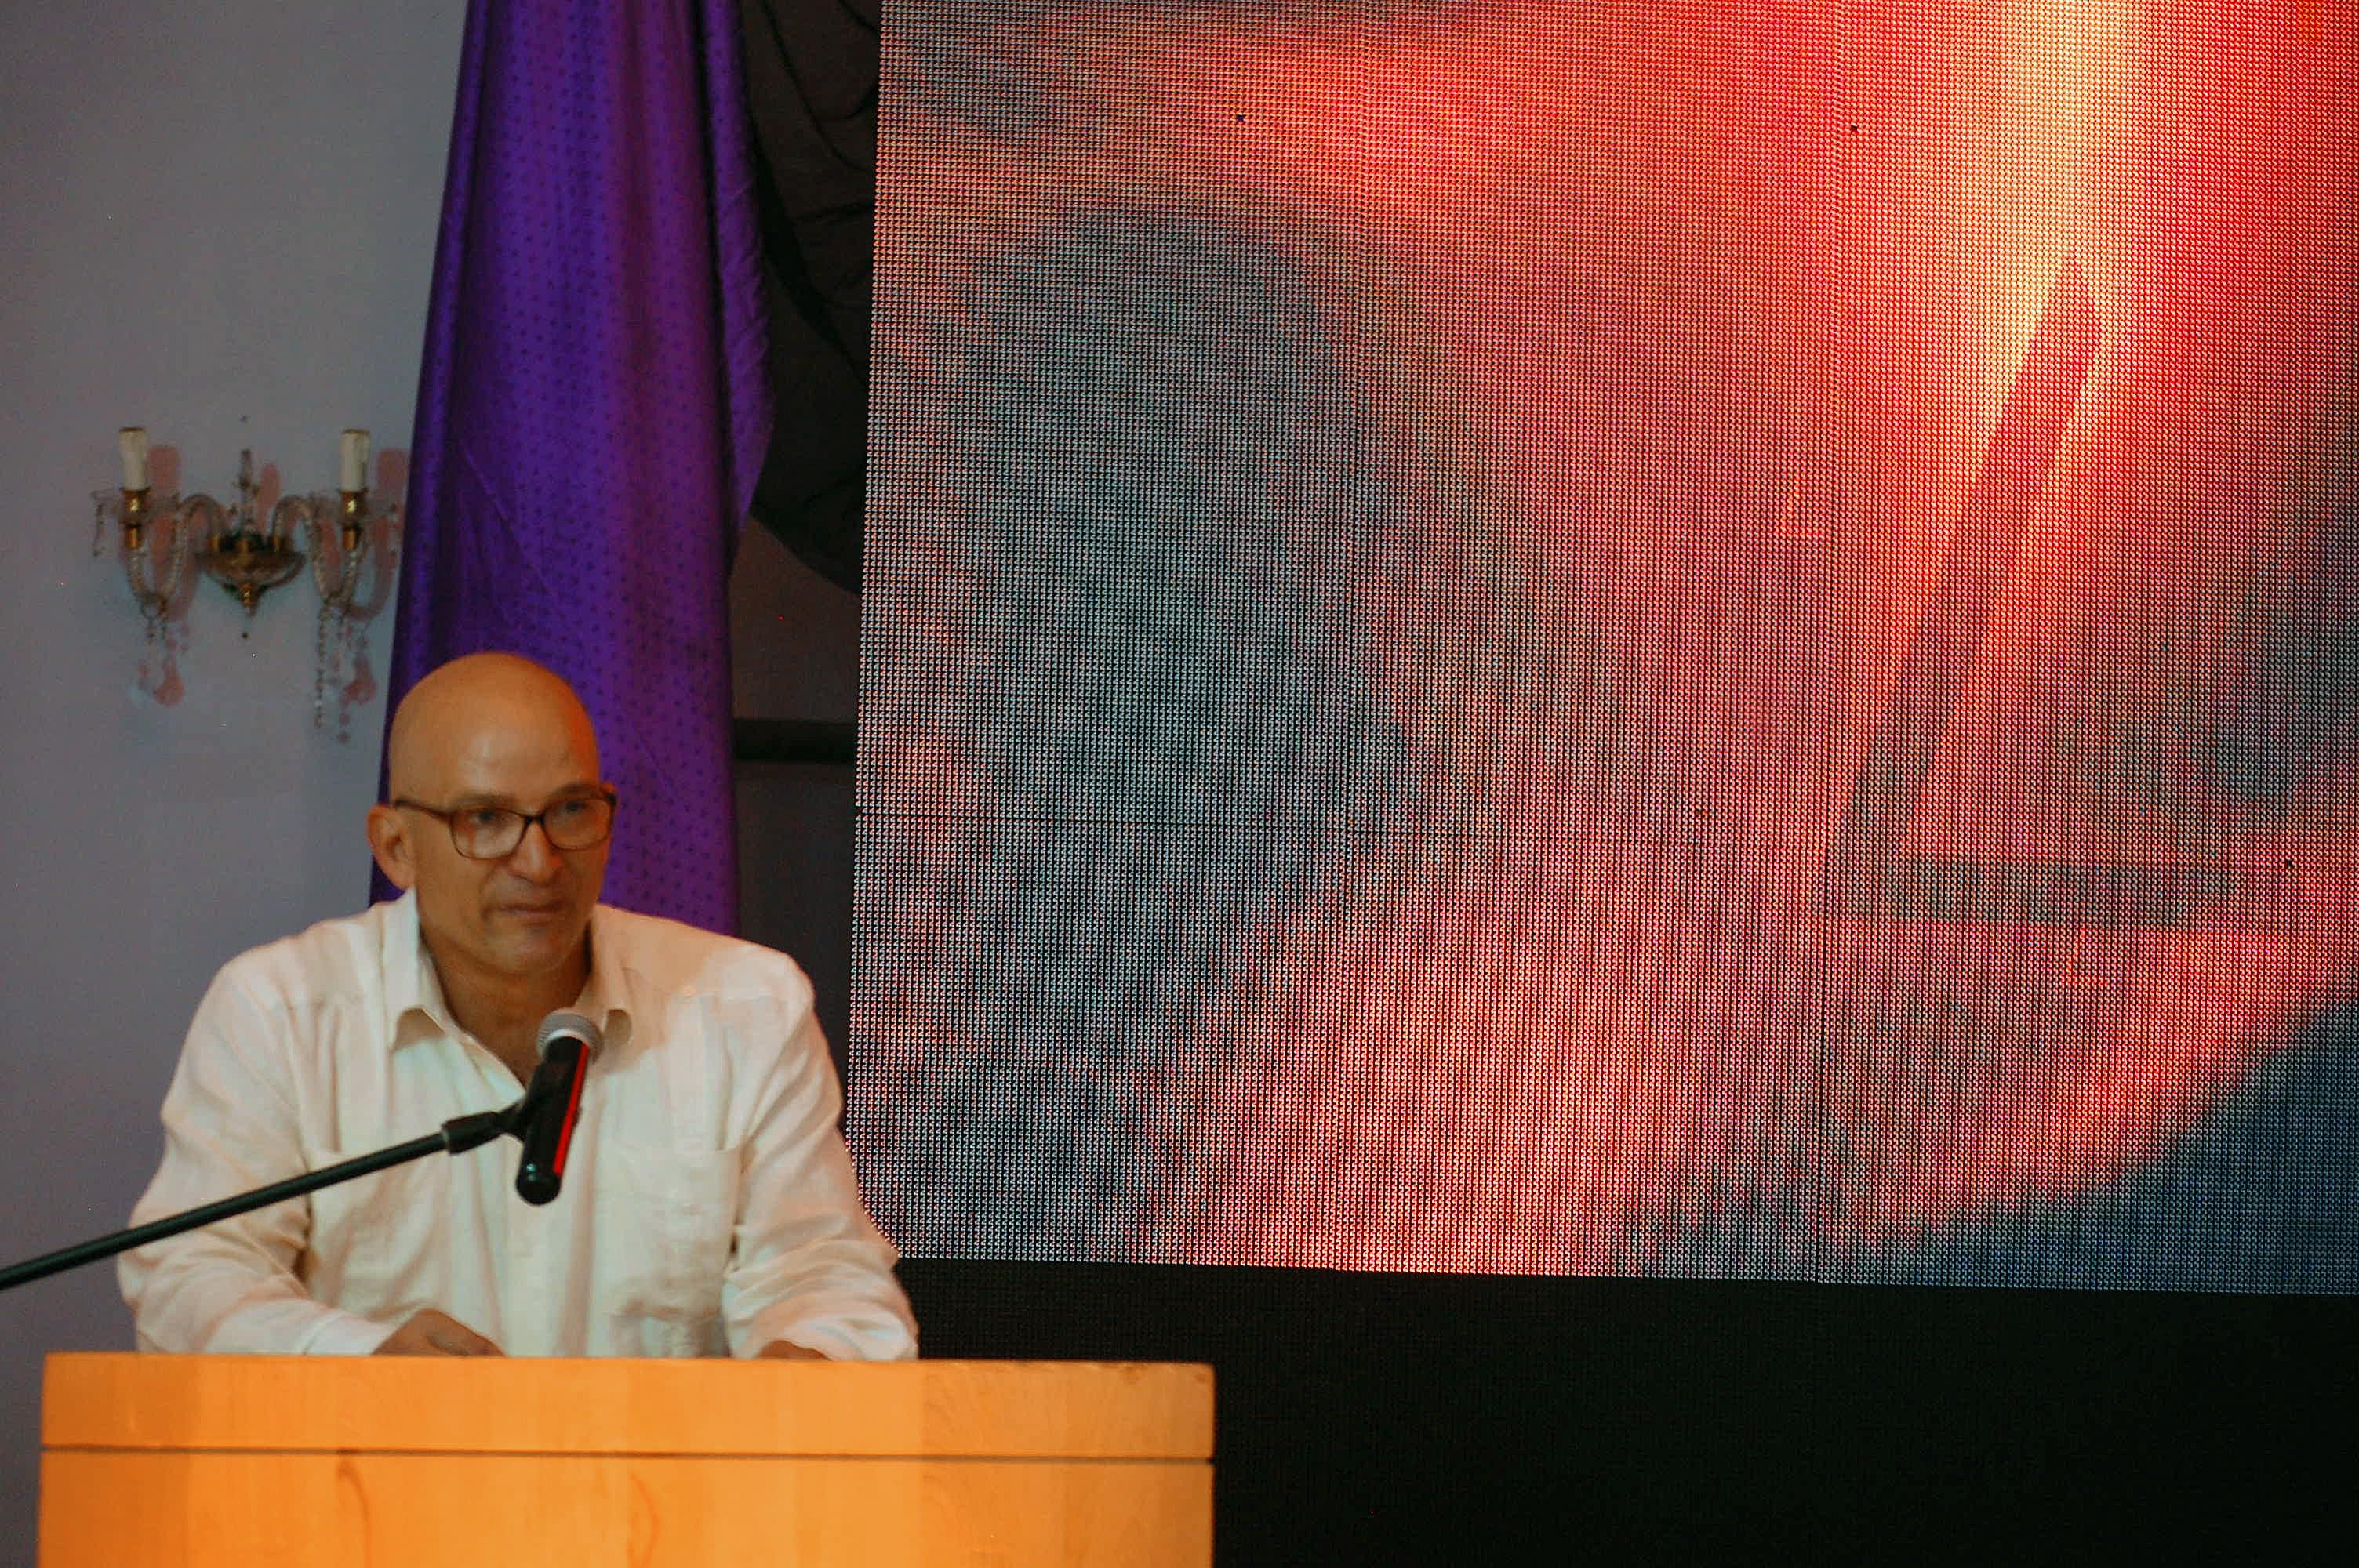 Intervención del Vicepresidente de Punta Colorada SA y Director de Cubagolf, D. Raudel García, en la presentación del proyecto La Habana 18 de julio de 2018.